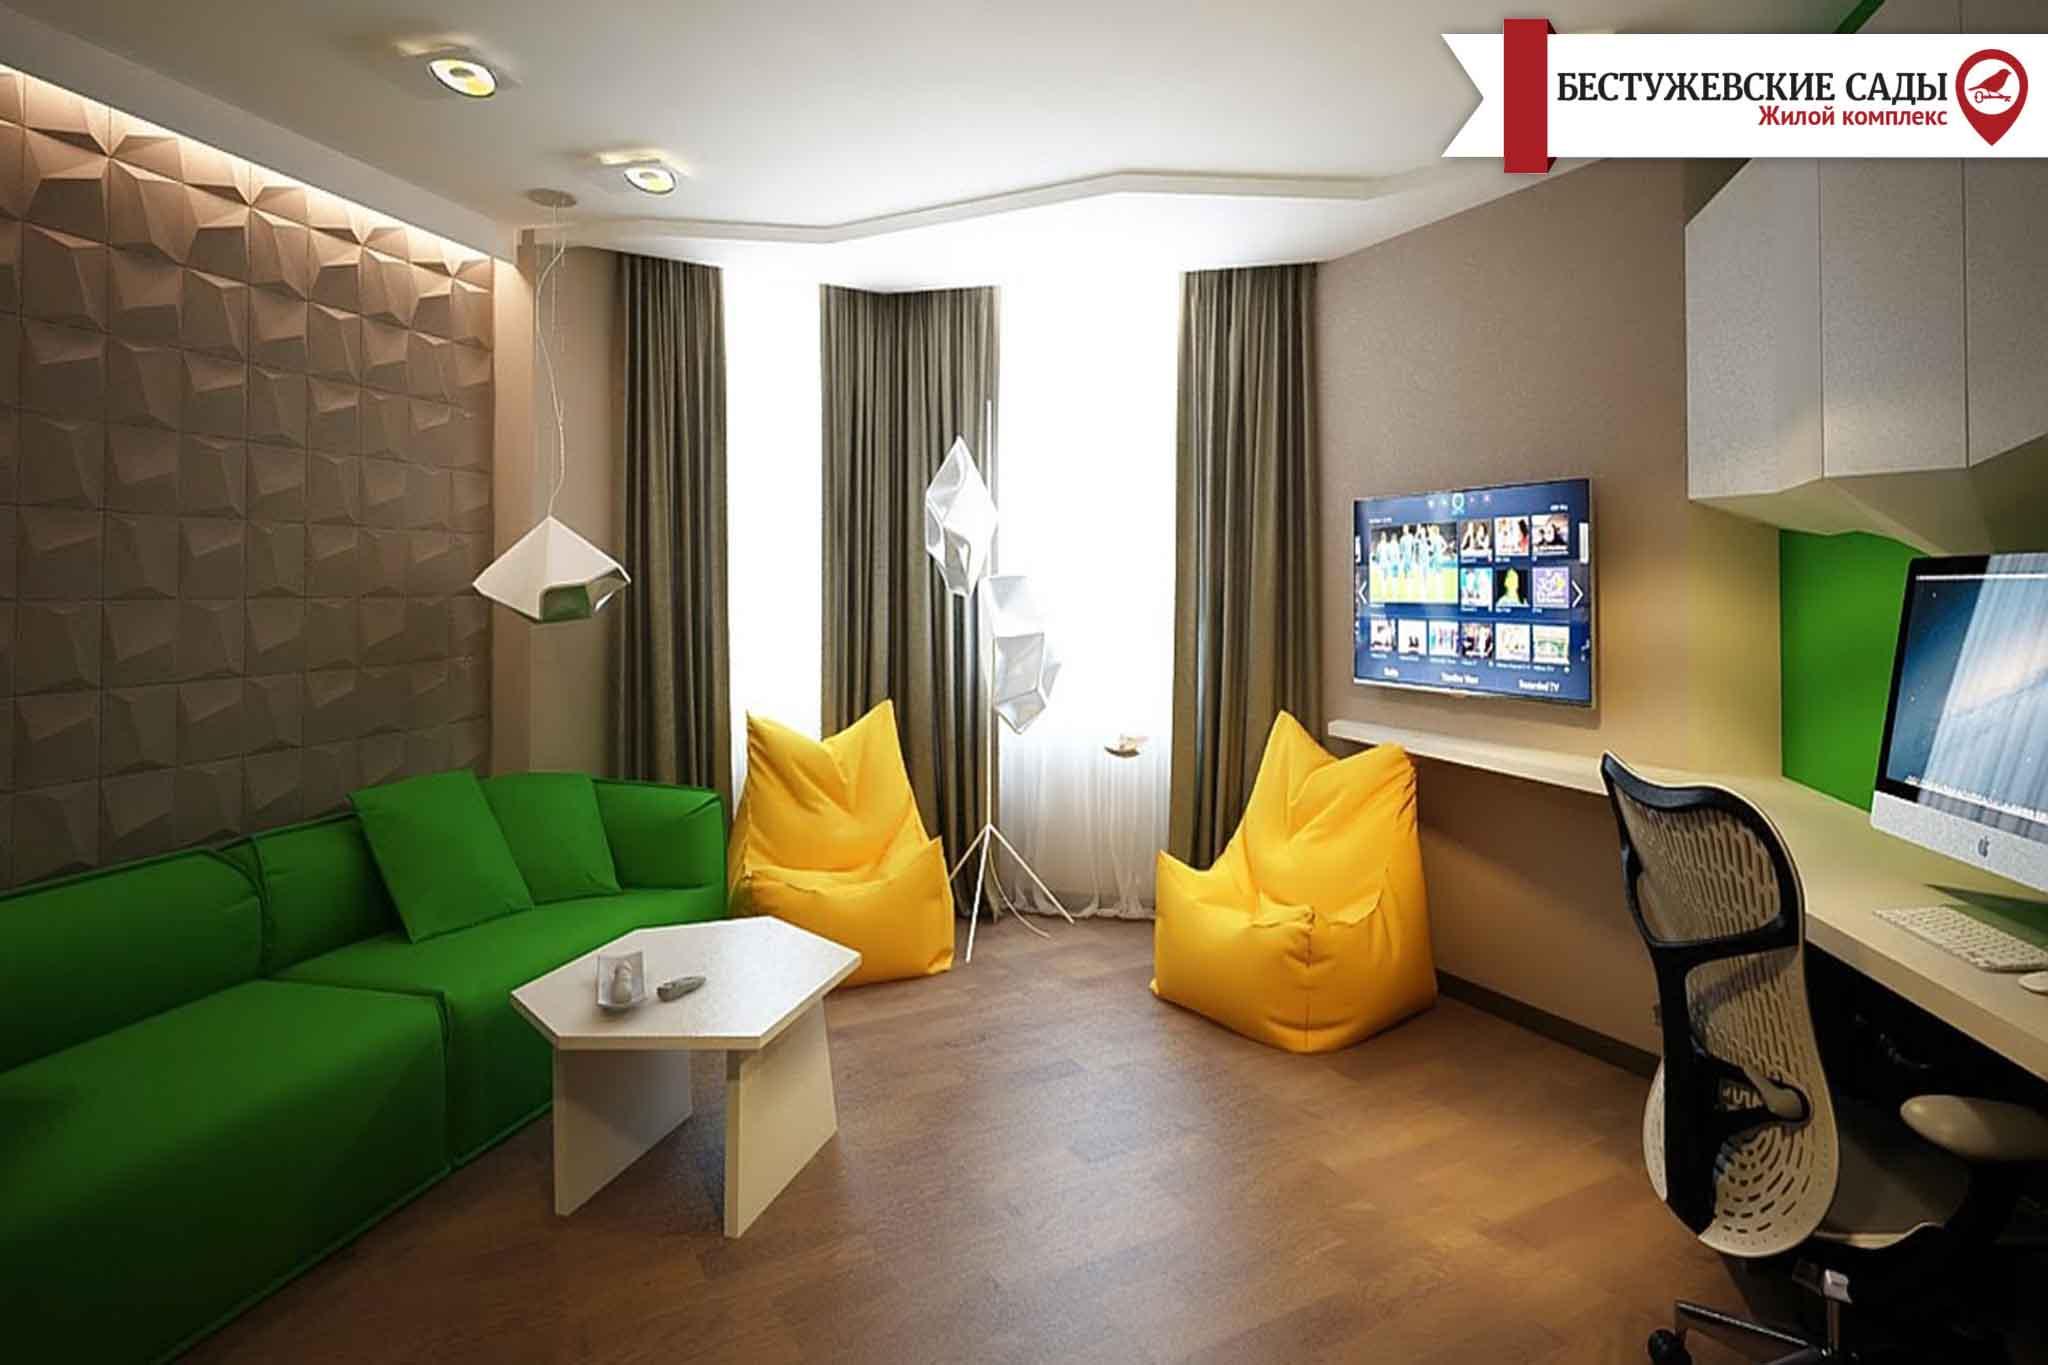 Що означають кольори в інтер'єрі квартири?